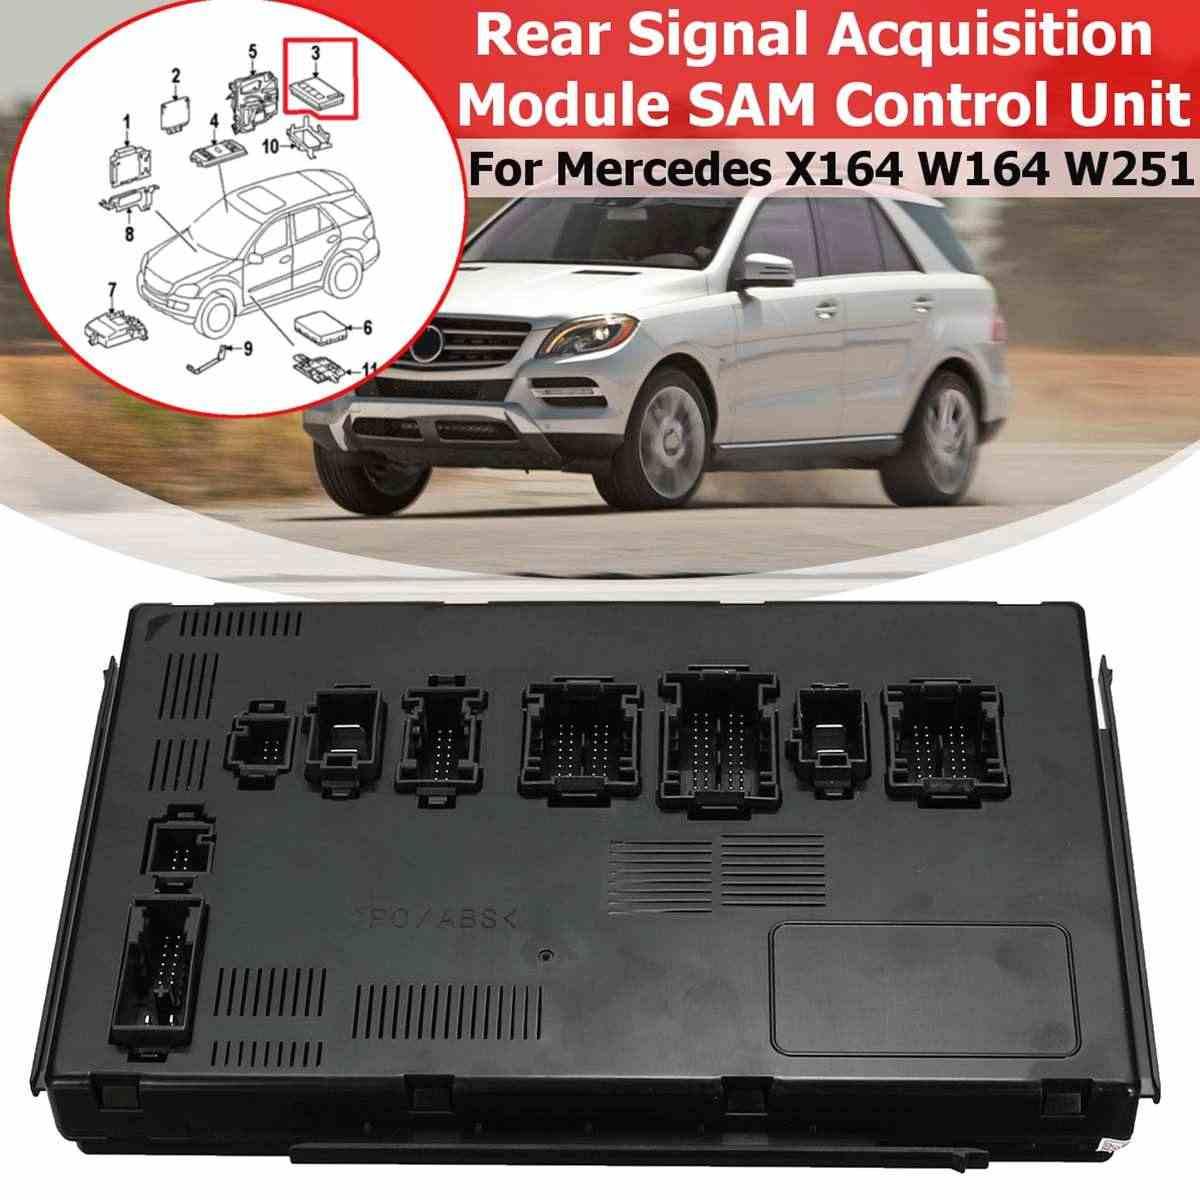 medium resolution of 1pcs for mercedes benz x164 w164 w251 gl320 gl350 rear signal acquisition module sam control